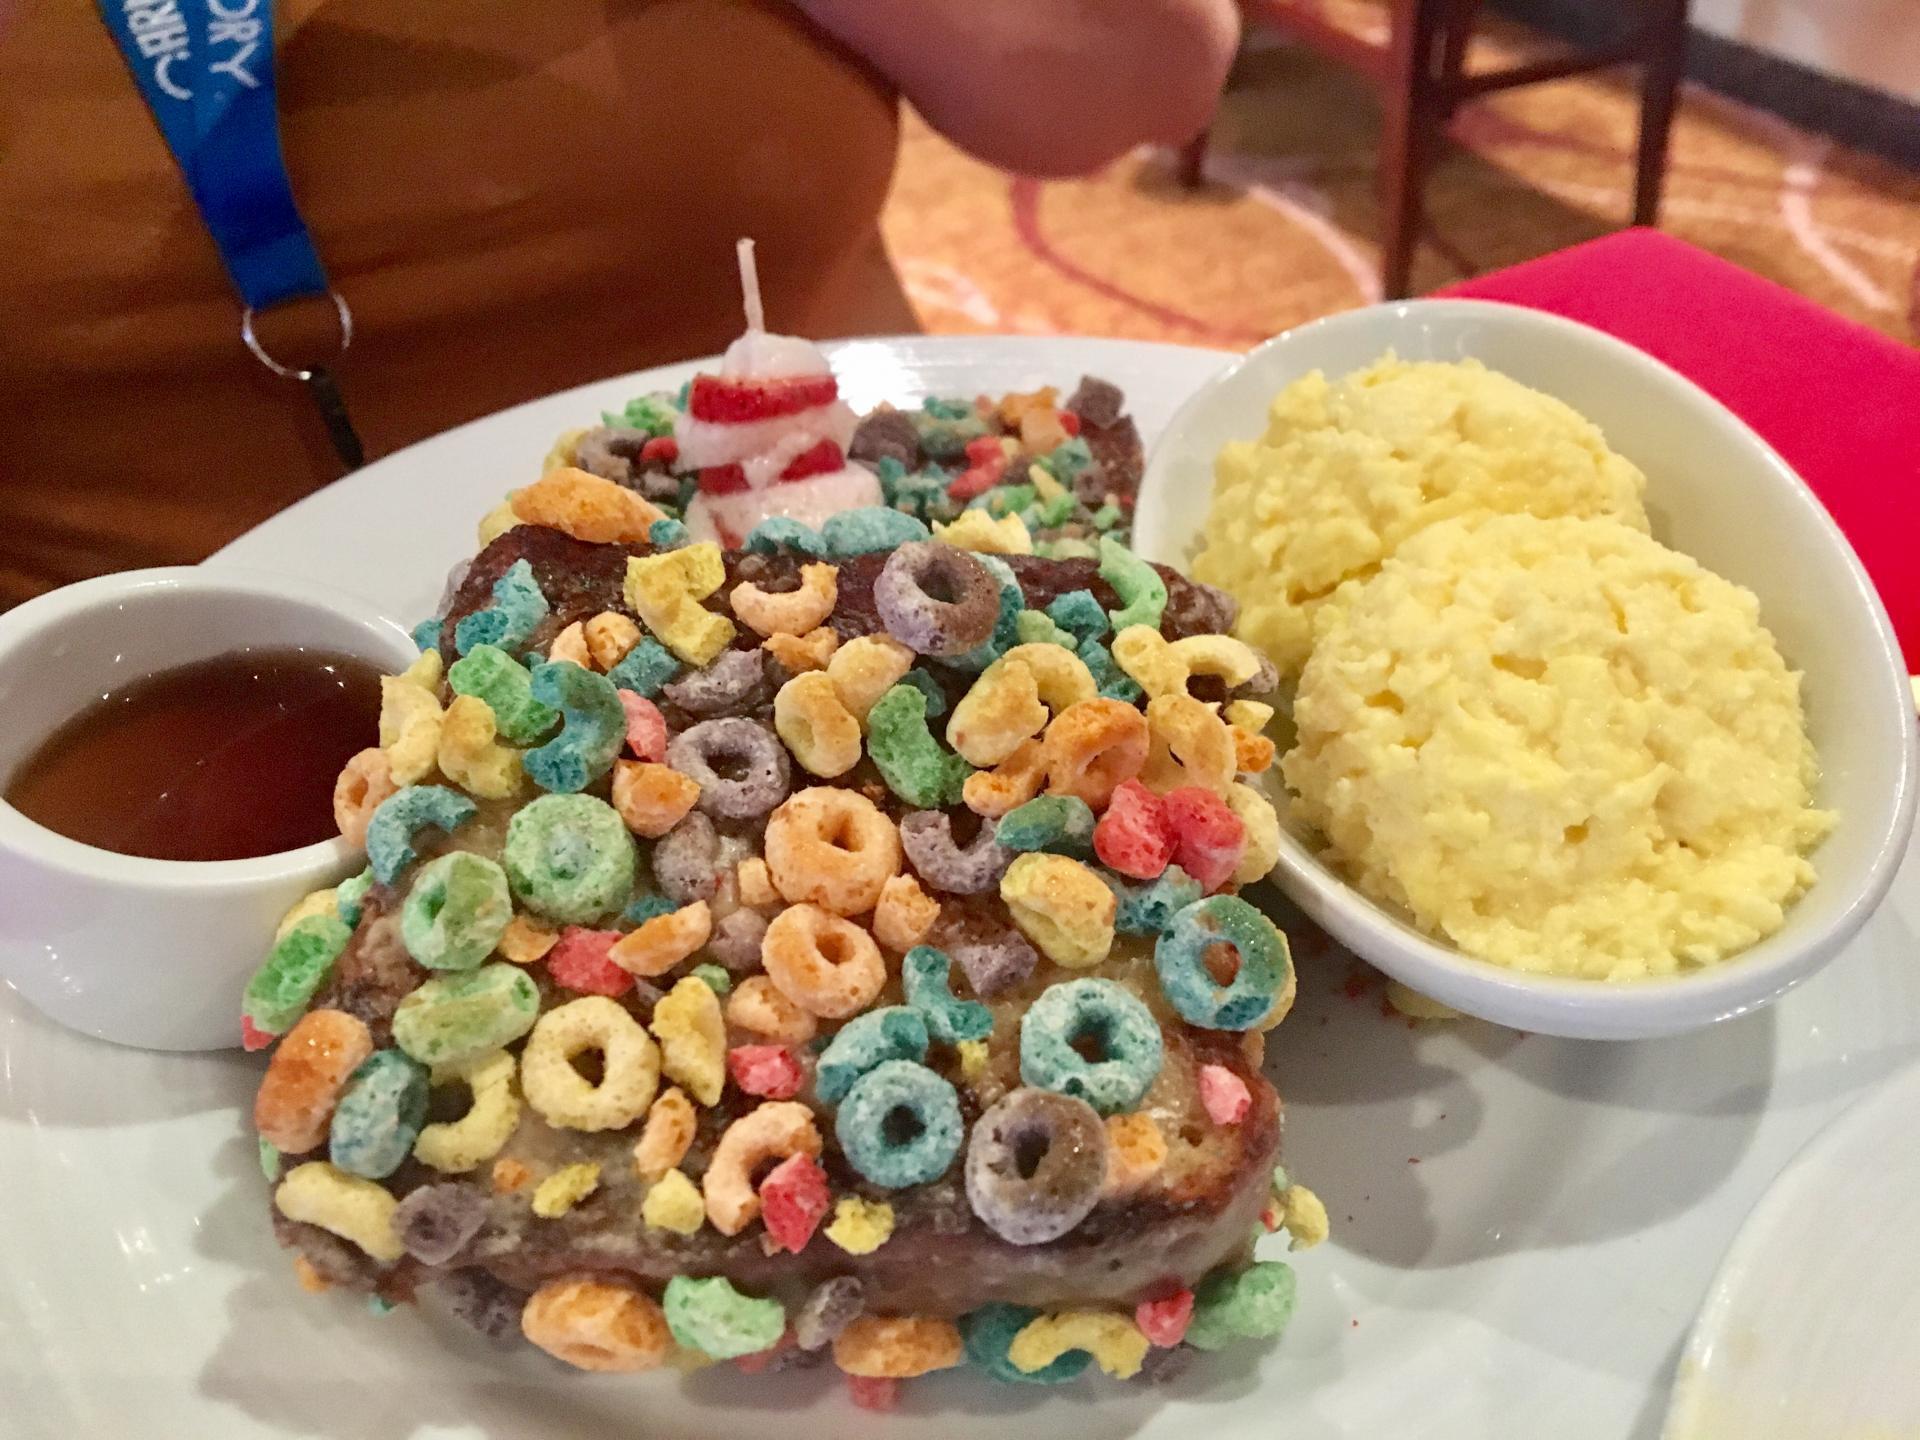 unusual brunch foods